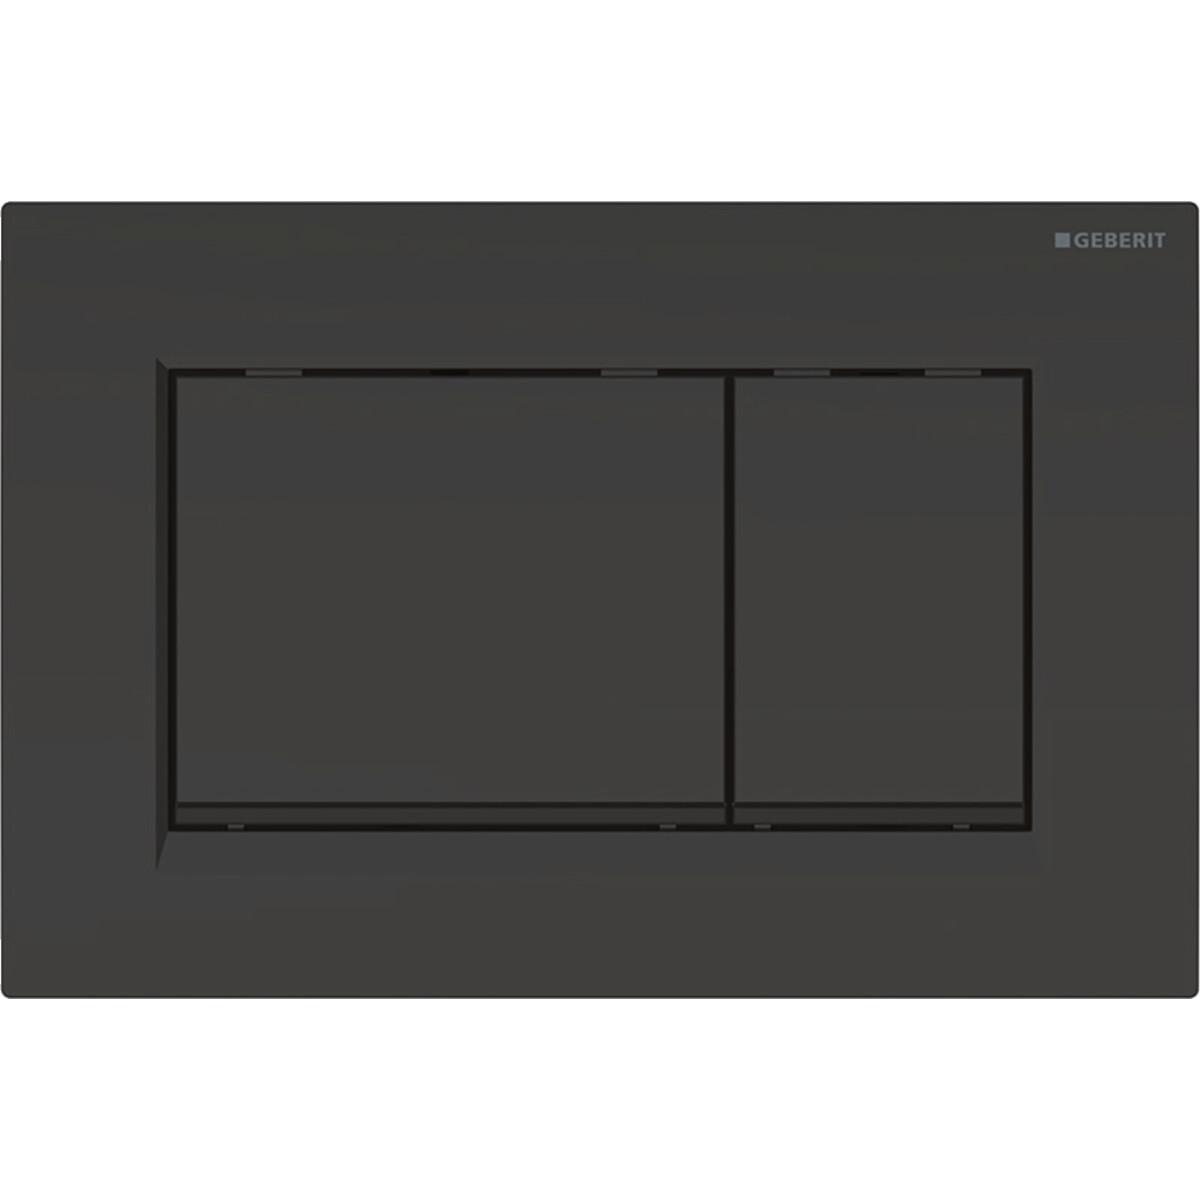 Plaque de déclenchement Geberit Sigma30 / Noir mat